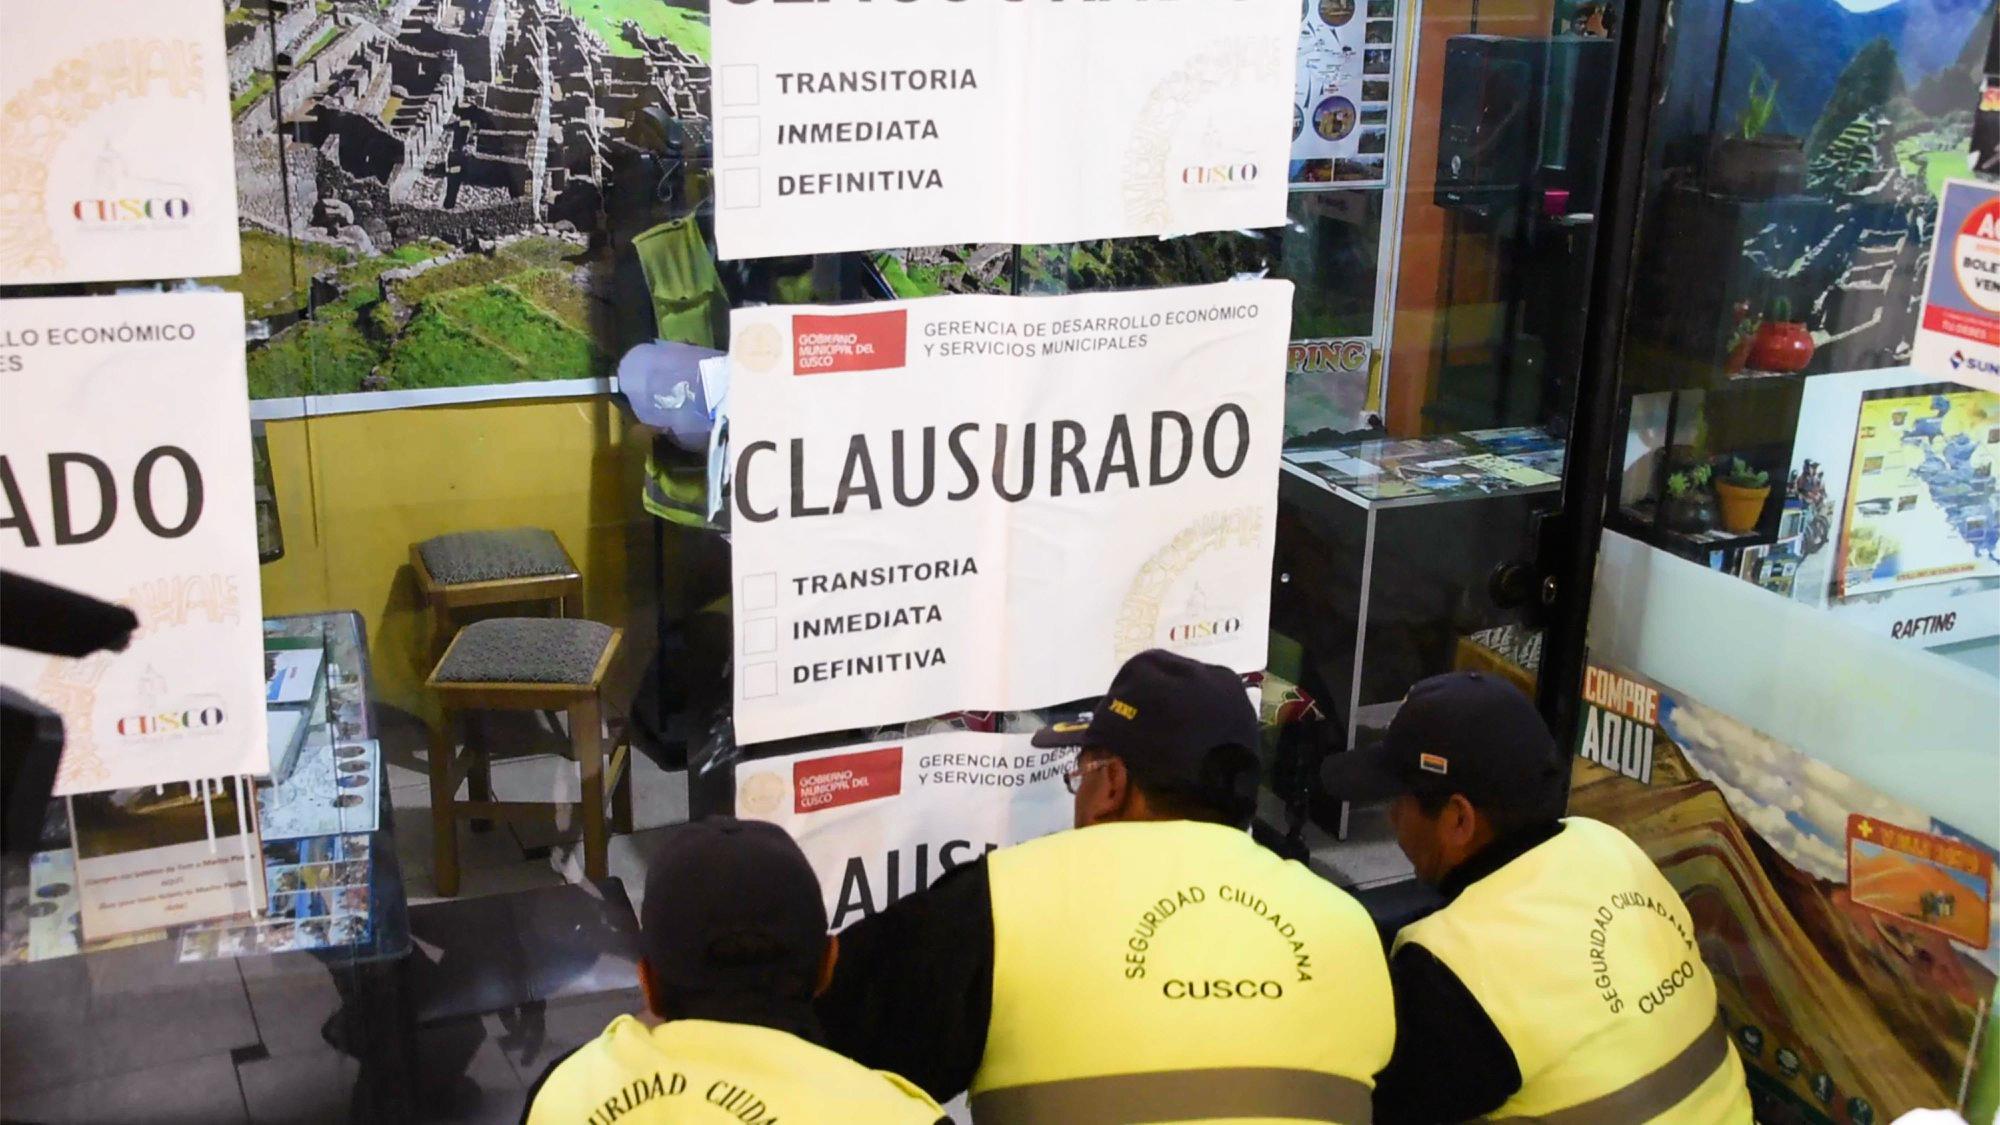 AGENCIAS DE TURISMO INFORMALES EN CUSCO CON LOS DÍAS CONTADOS CONTINUARÁN LOS OPERATIVOS INOPINADOS.